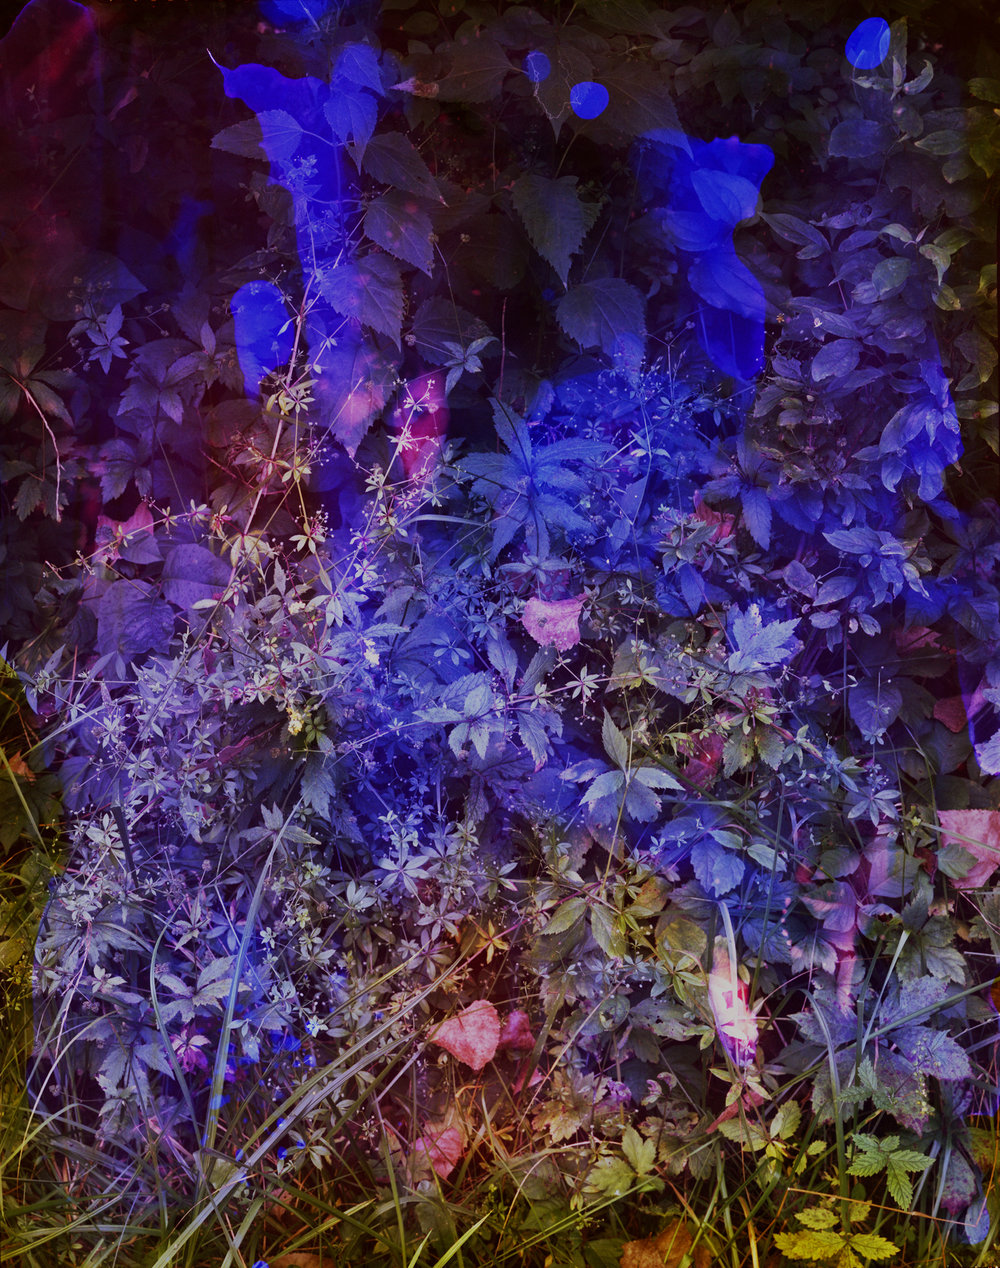 Reenactment 285 (Violet), 50 x 40 in, 2016